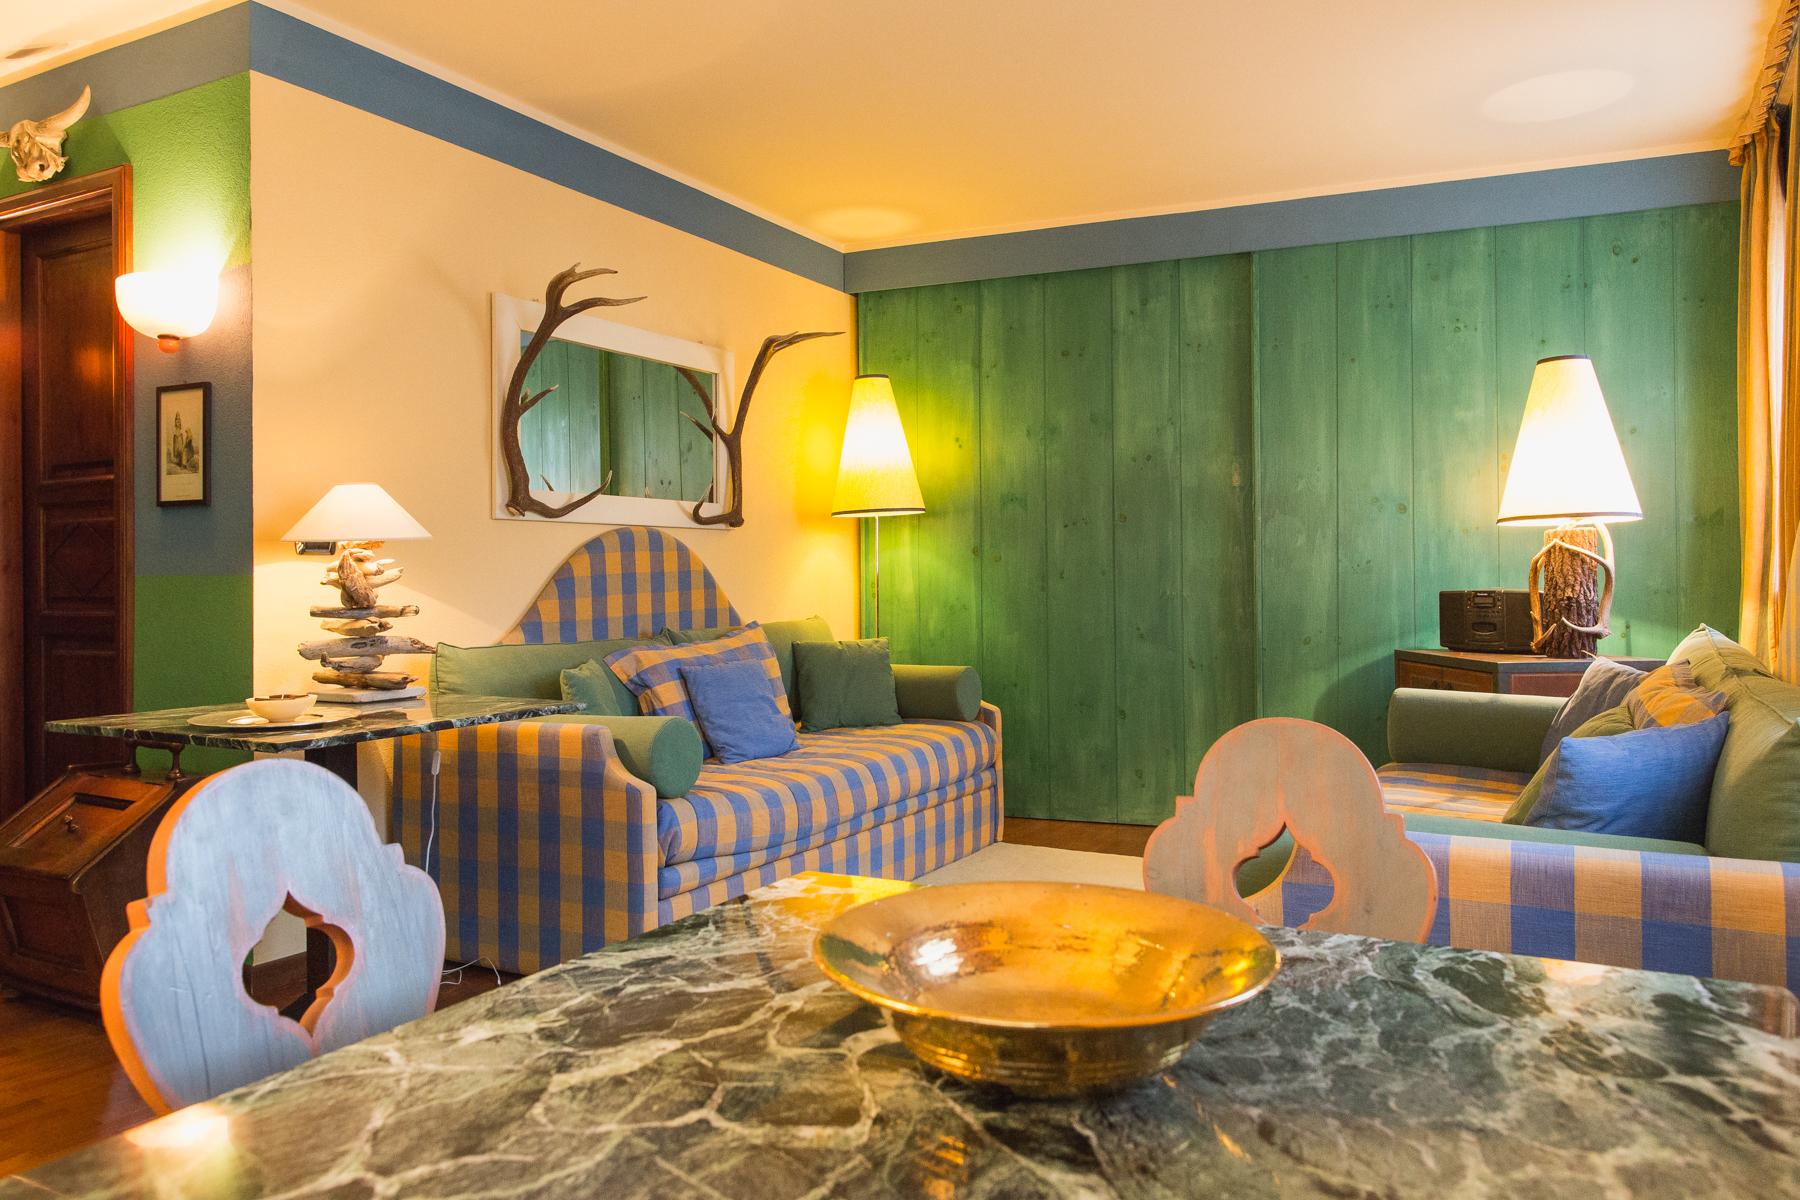 Apartment for Sale at Cozy apartment in Bardonecchia Viale della Vittoria Other Turin, Turin 10052 Italy